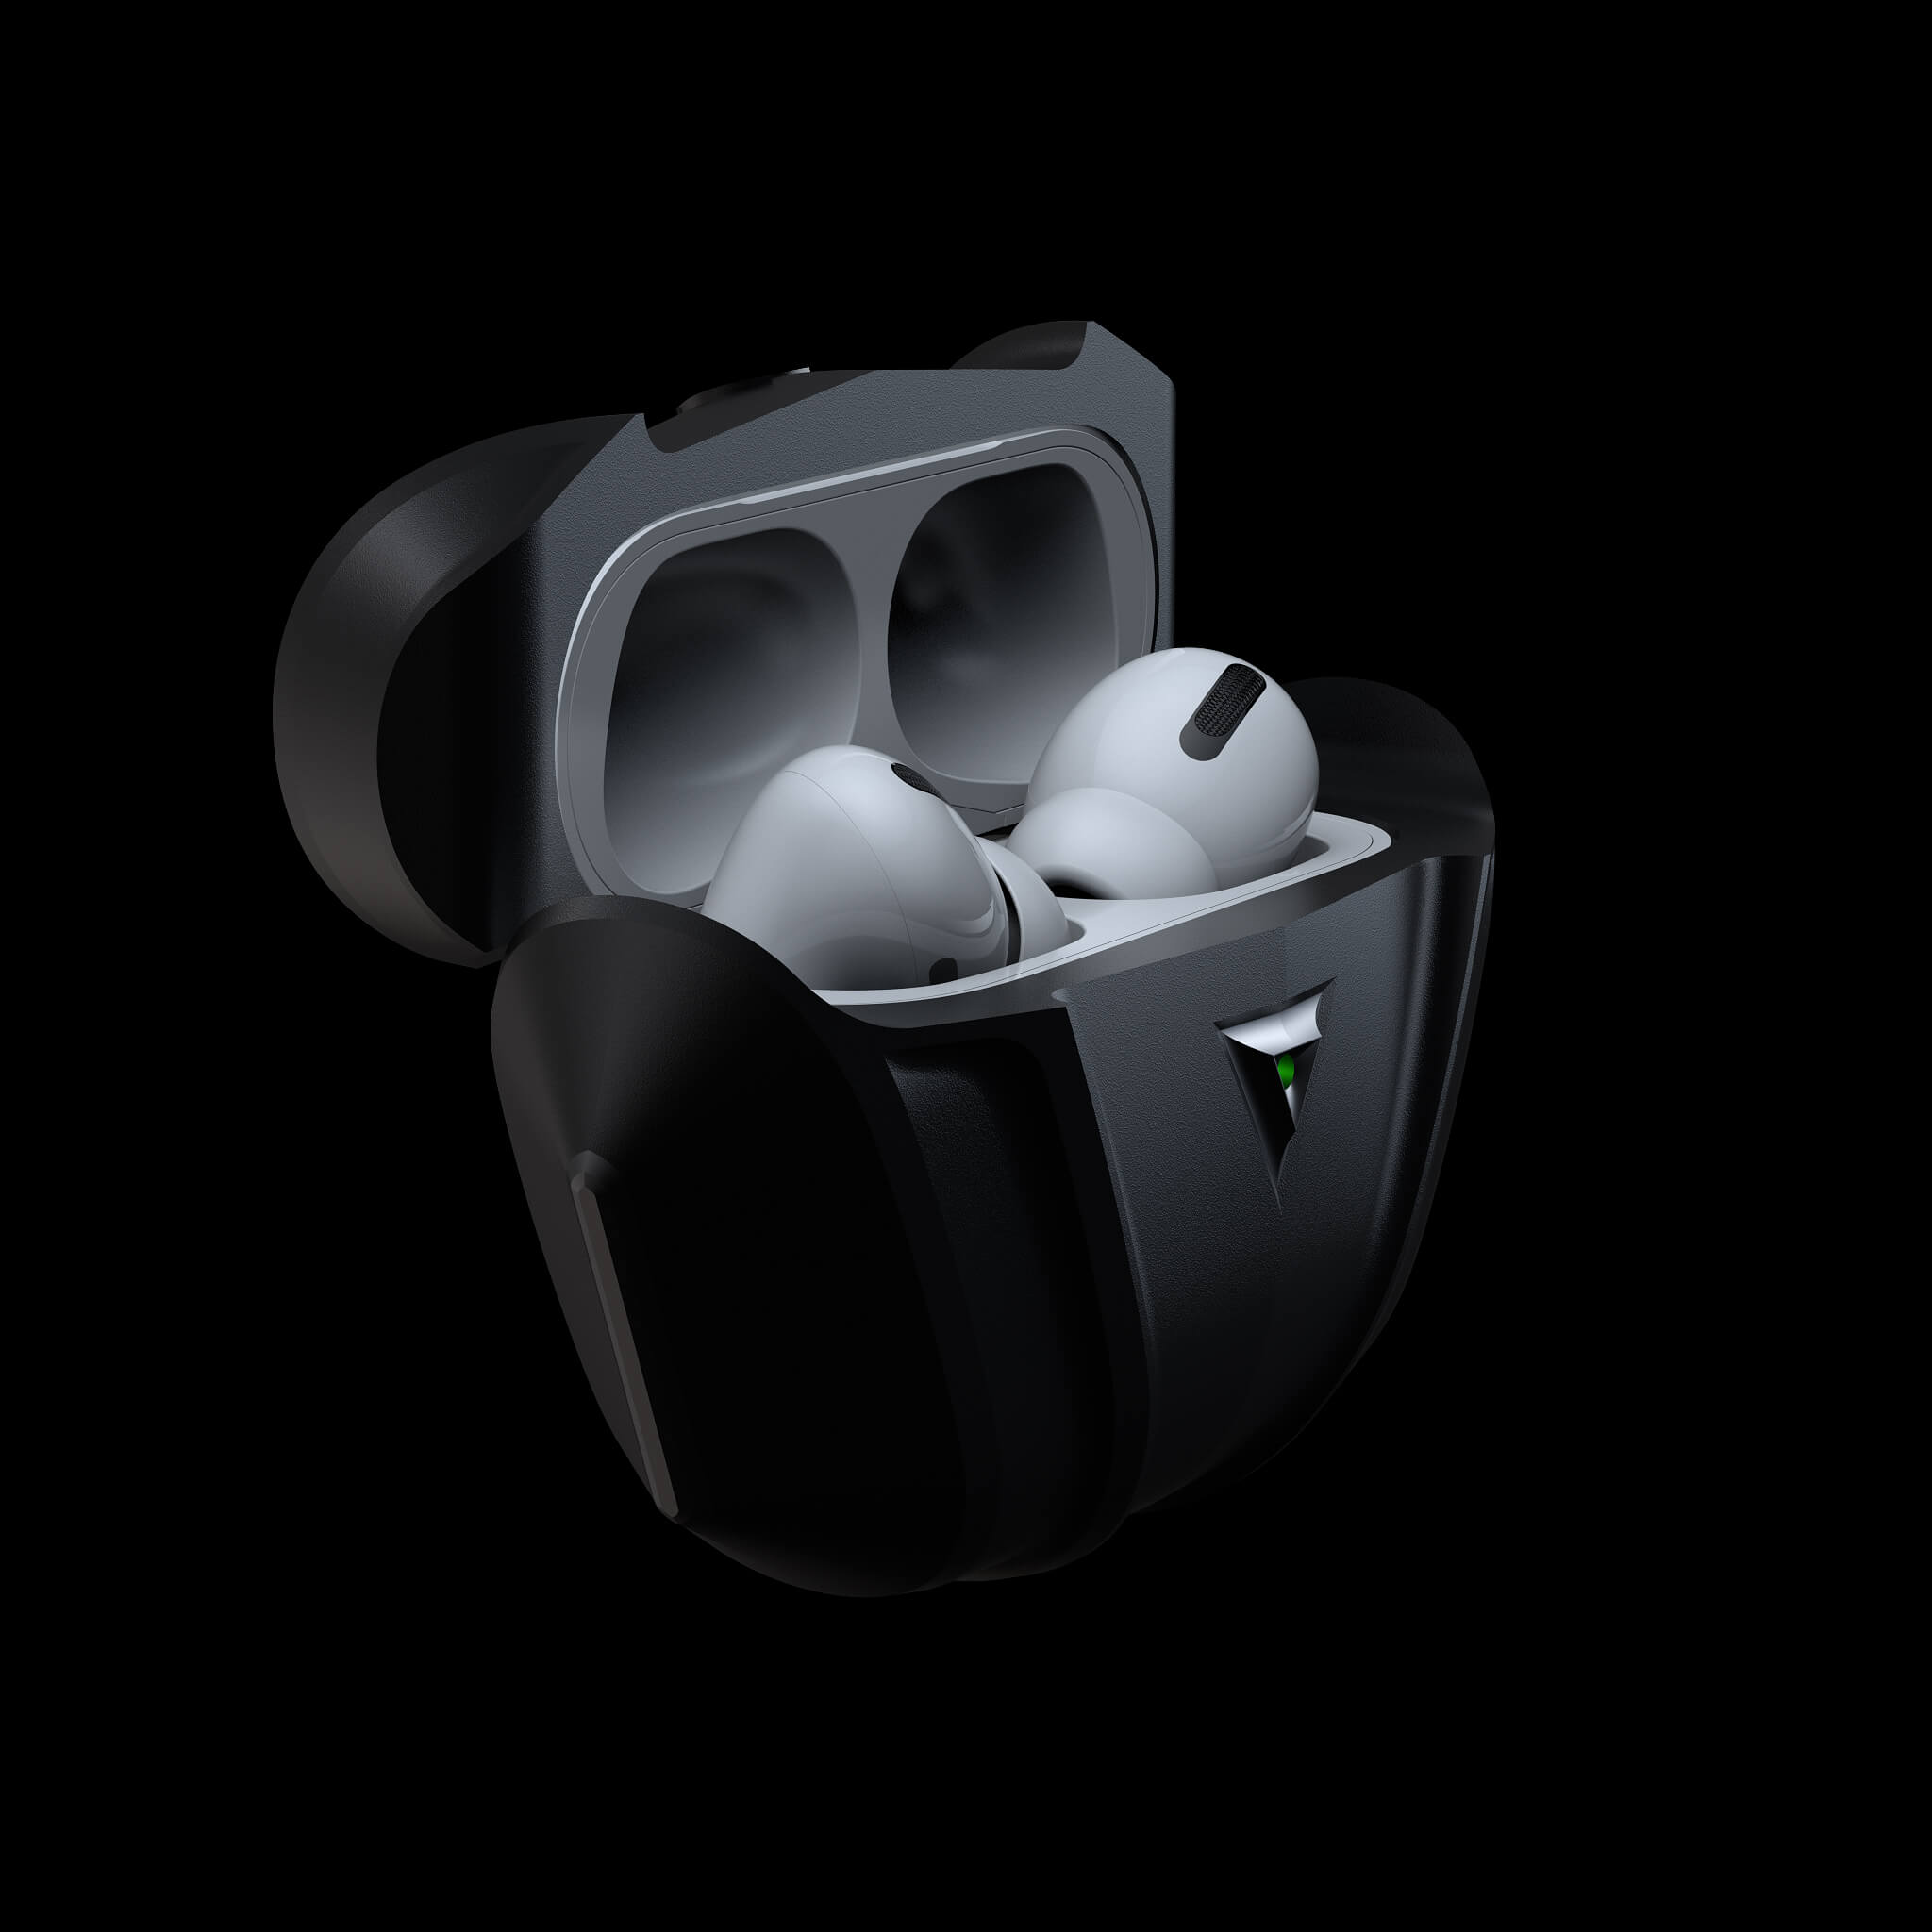 raptor stealth luxury aluminium metal airpods pro case